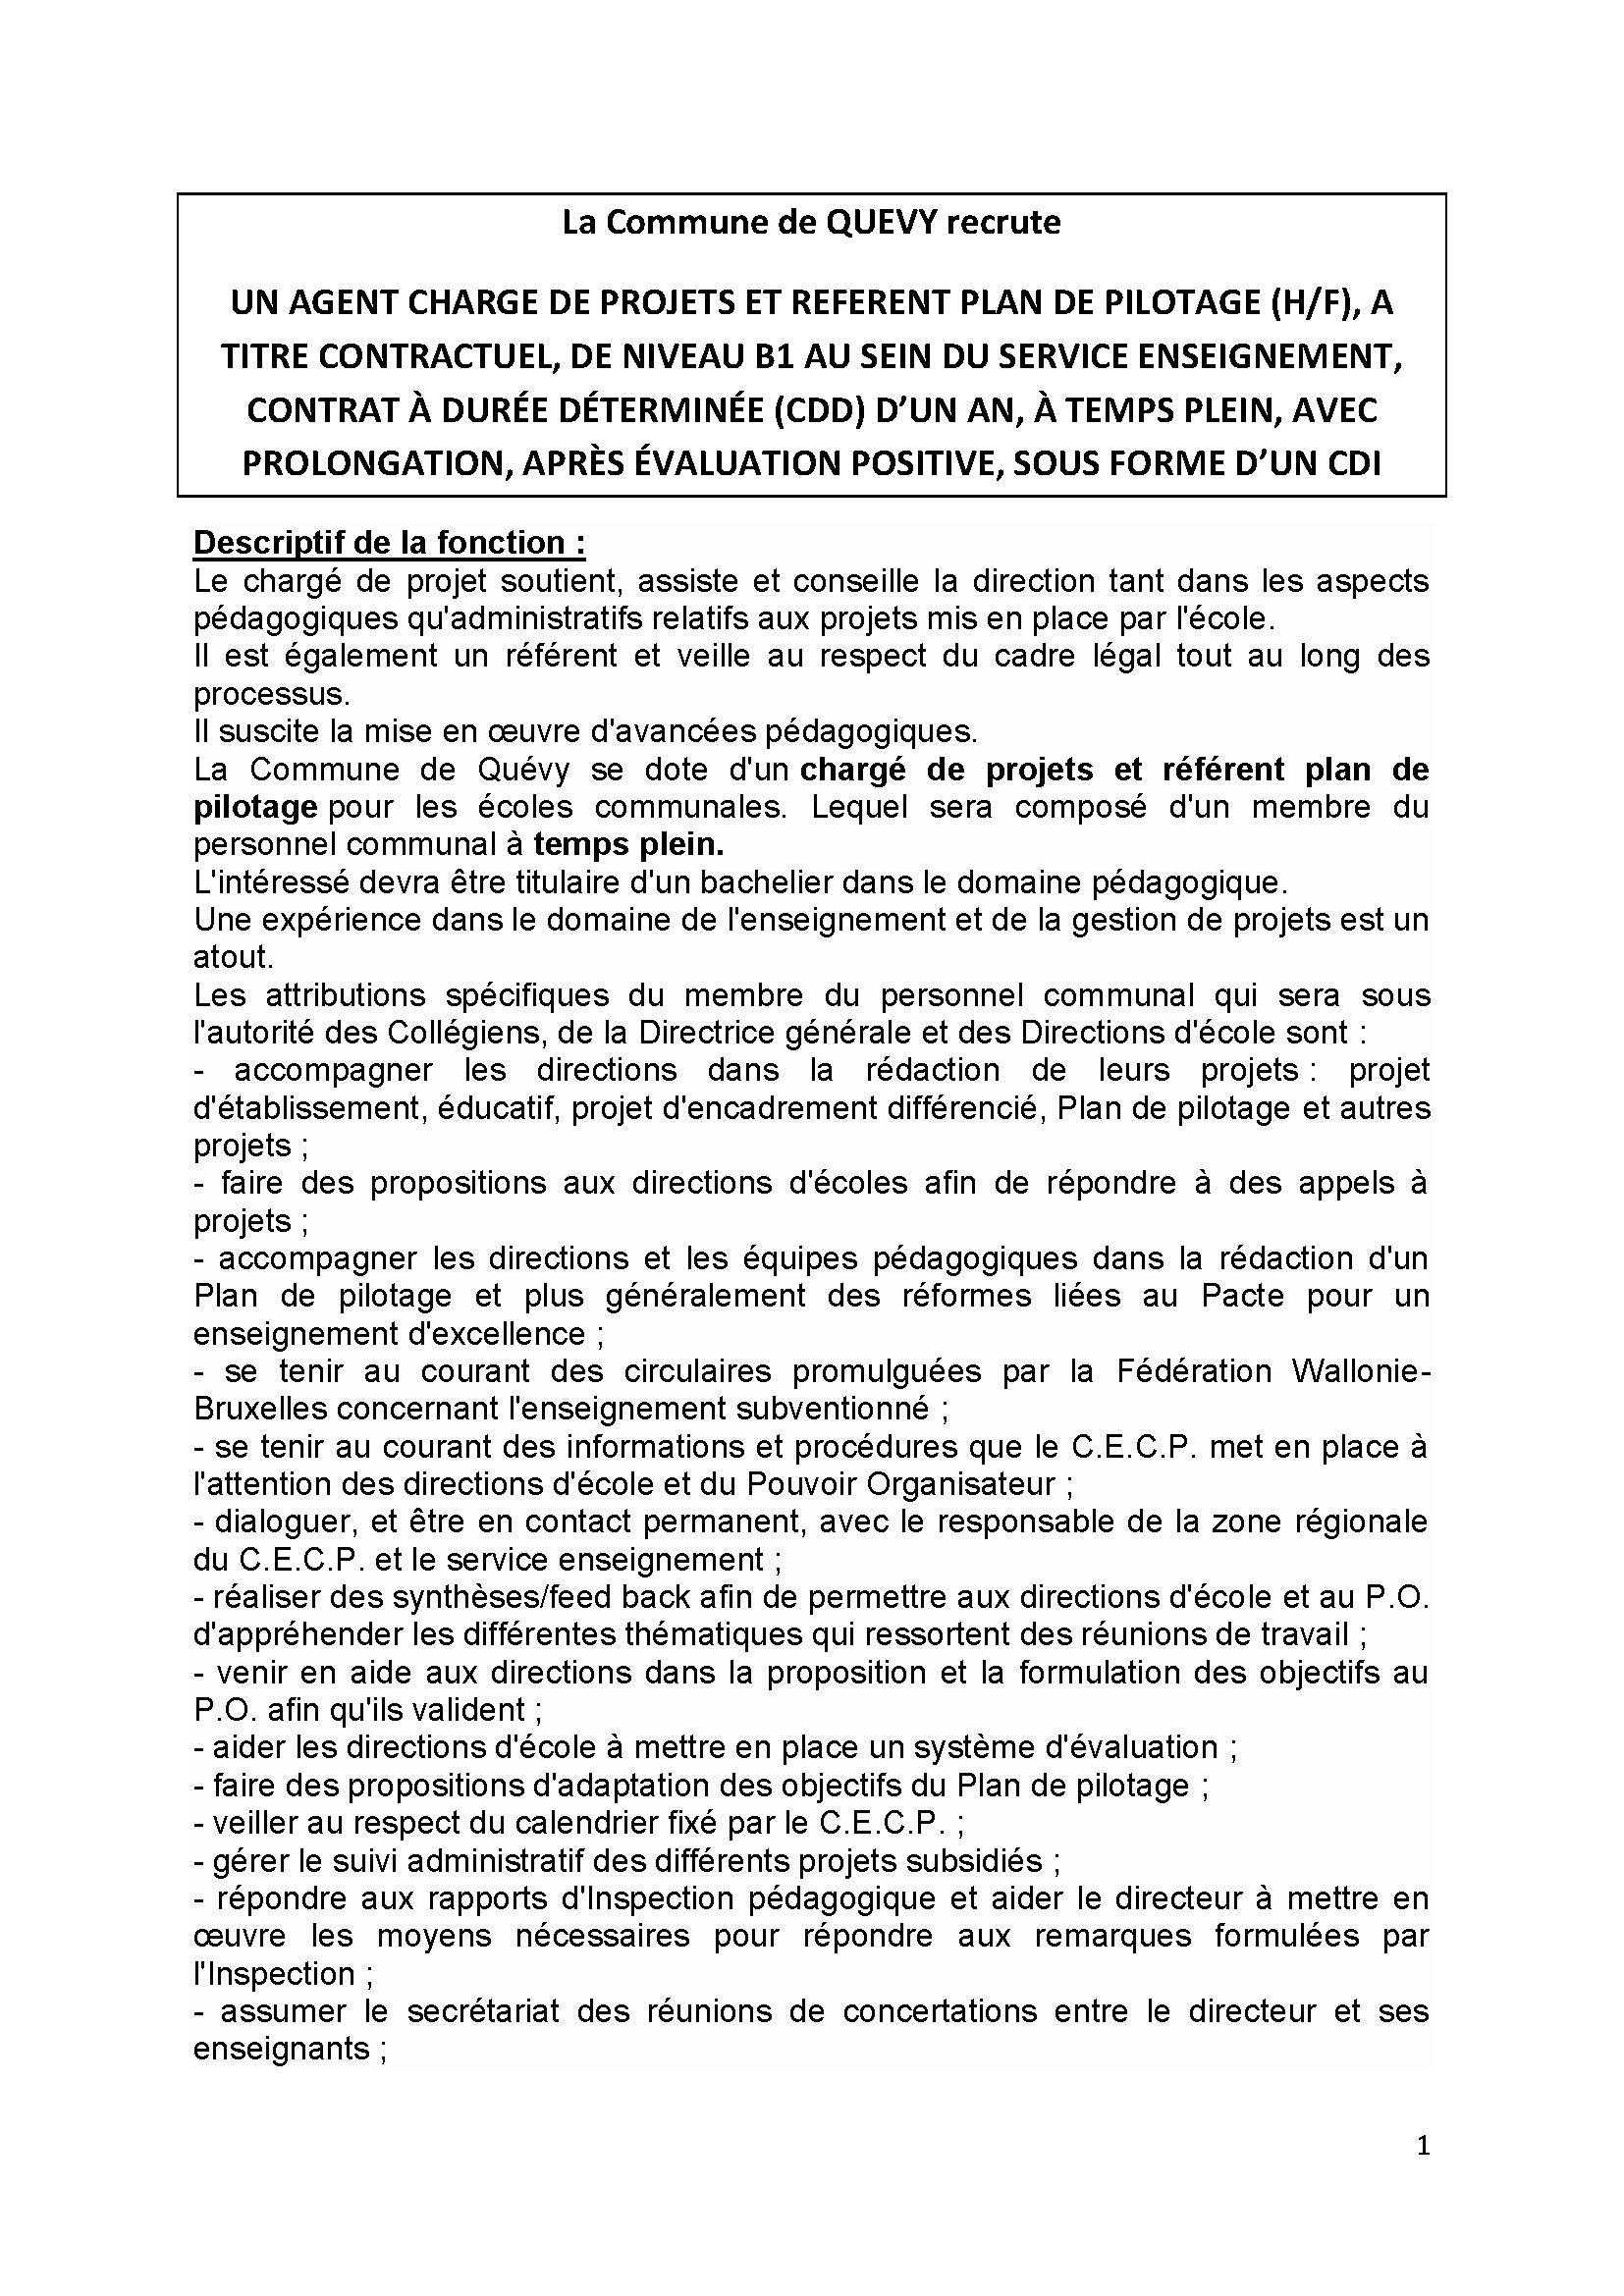 agent charge de projets et referent plan de pilotage (h f)- septembre 2020_page_1.jpg